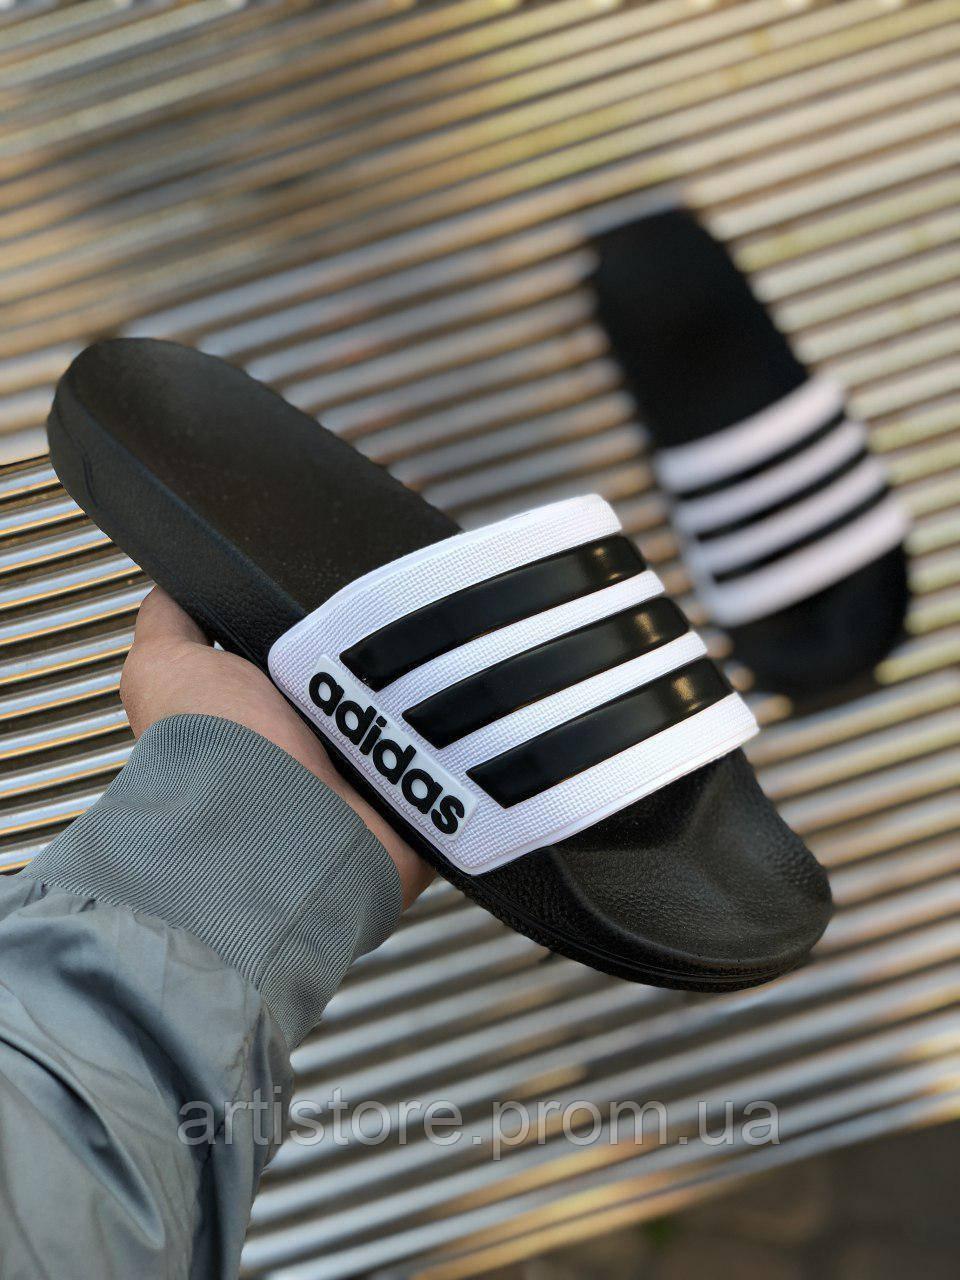 Сланцы Adidas Adilette White with black Белые с черным